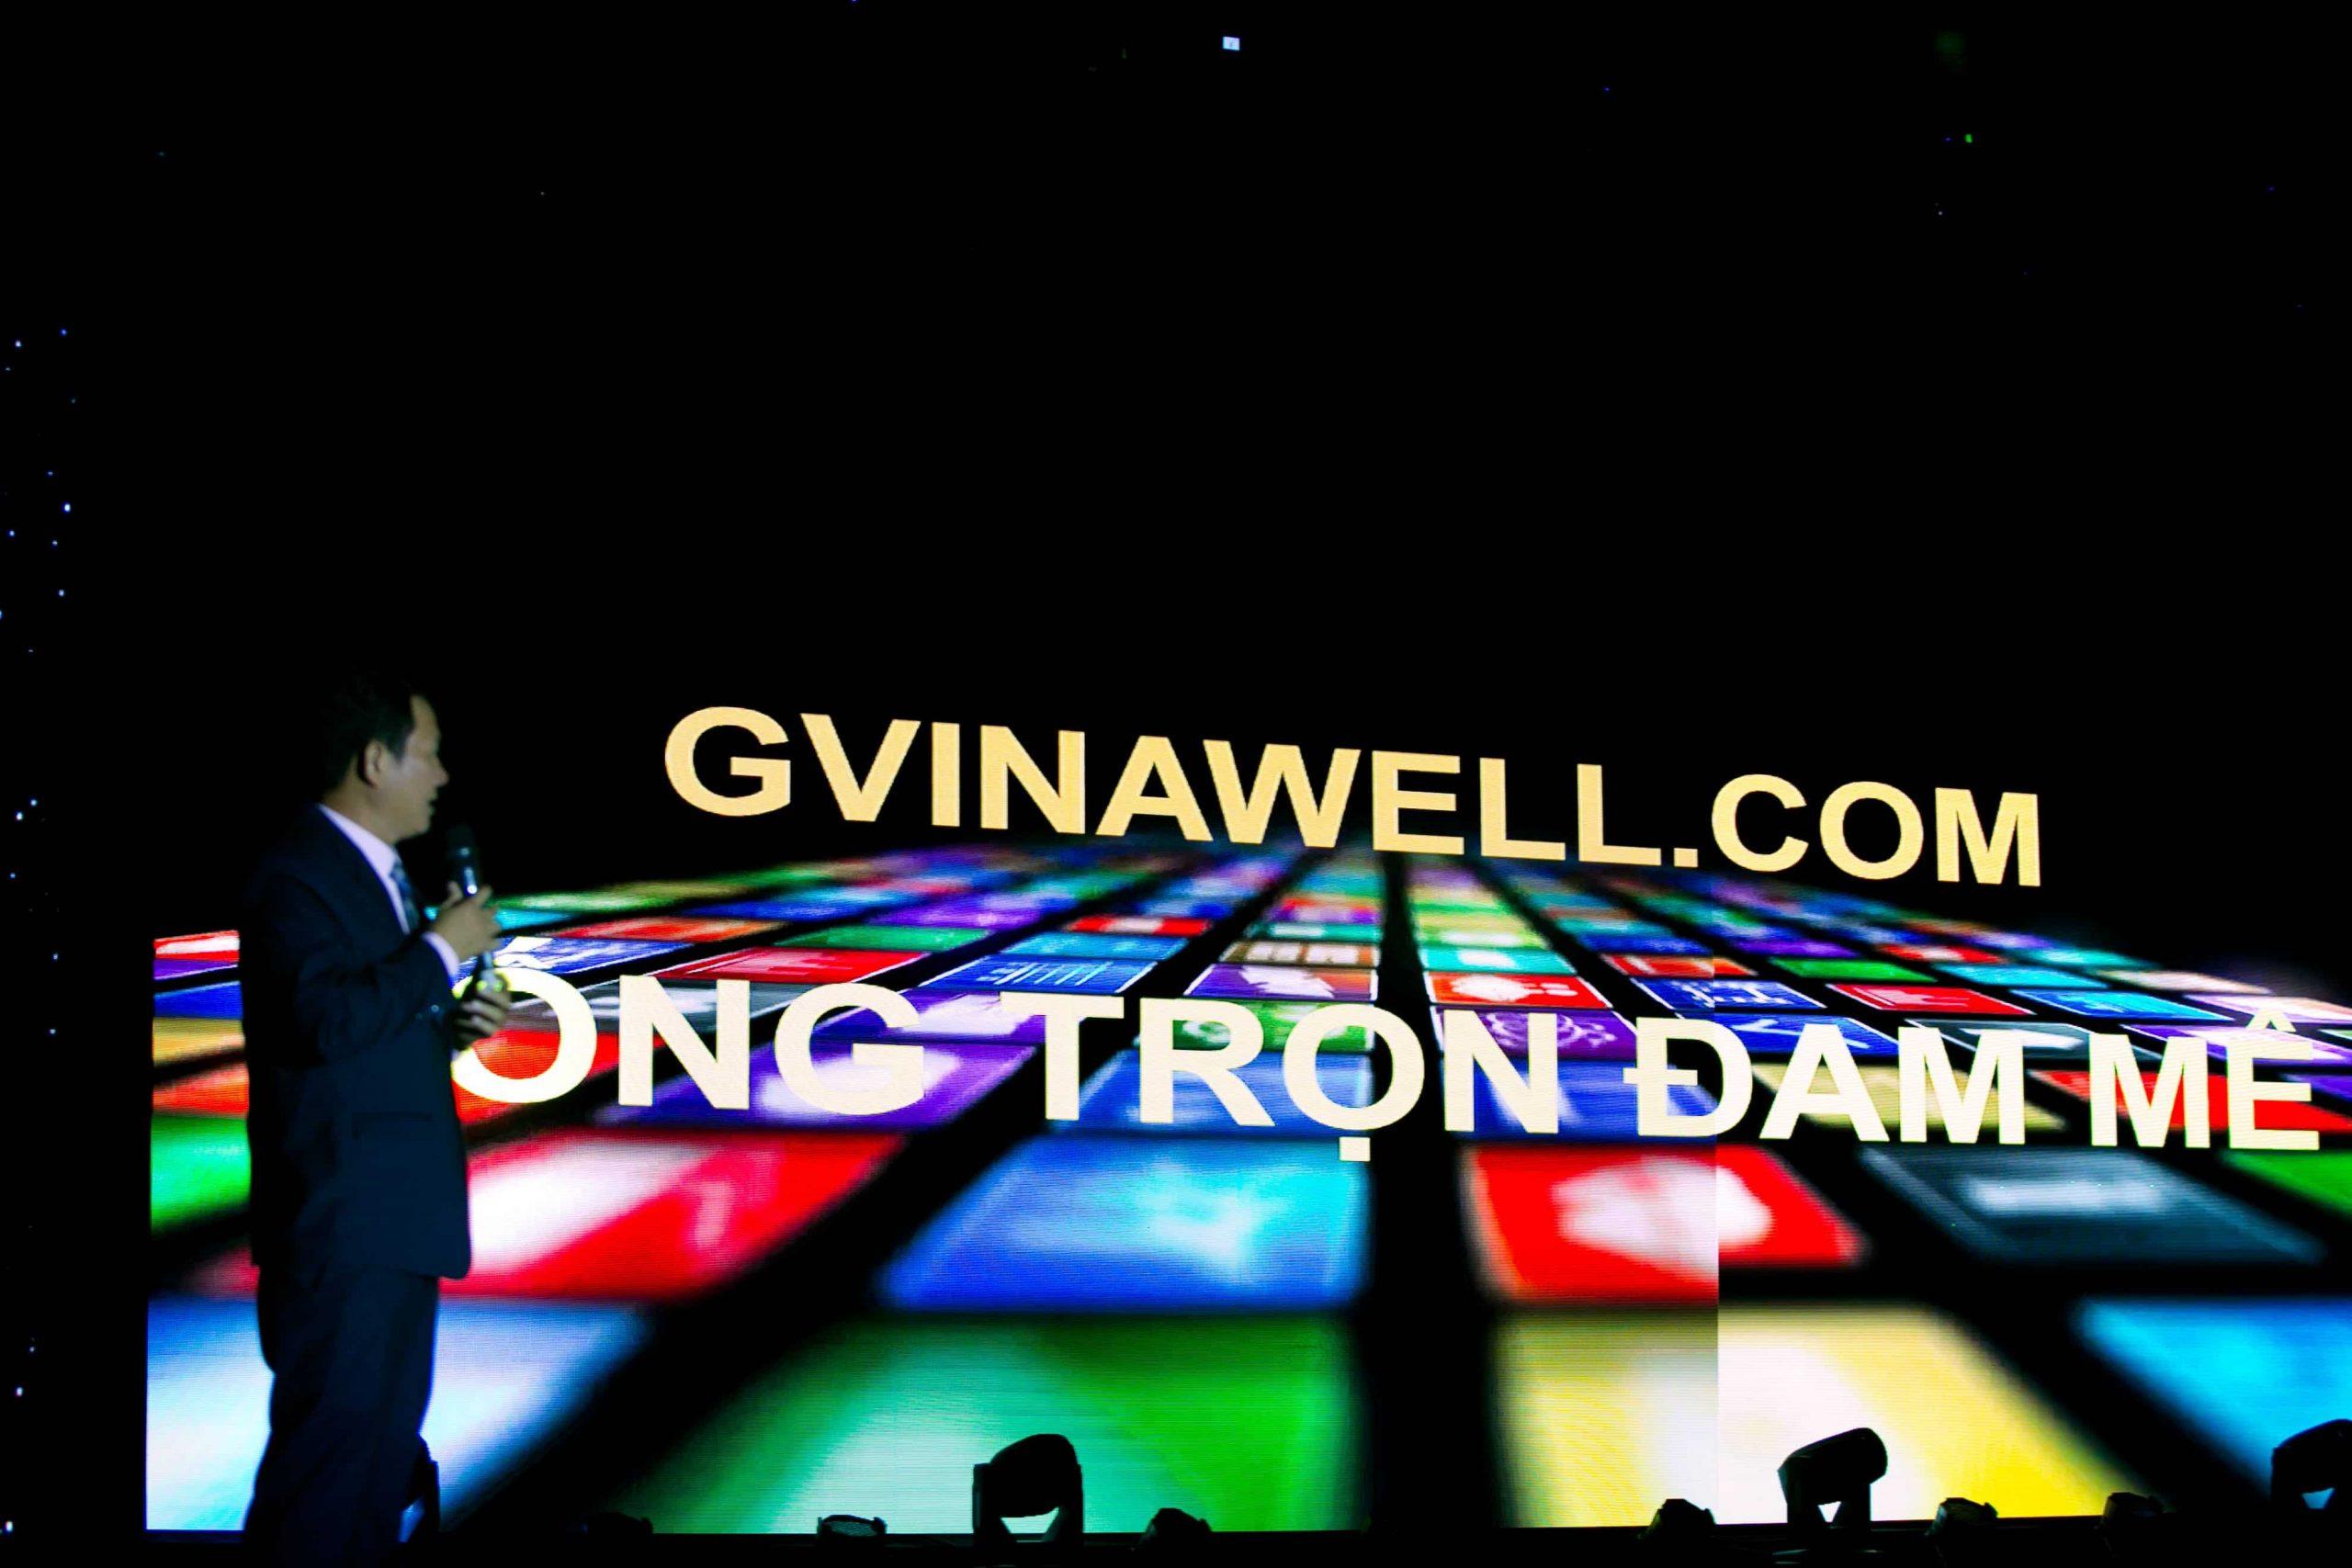 GoldTime-Coffee-có-lừa-đảo-không-Mạng-xã-hội-Goldtime-GVinaWell--min